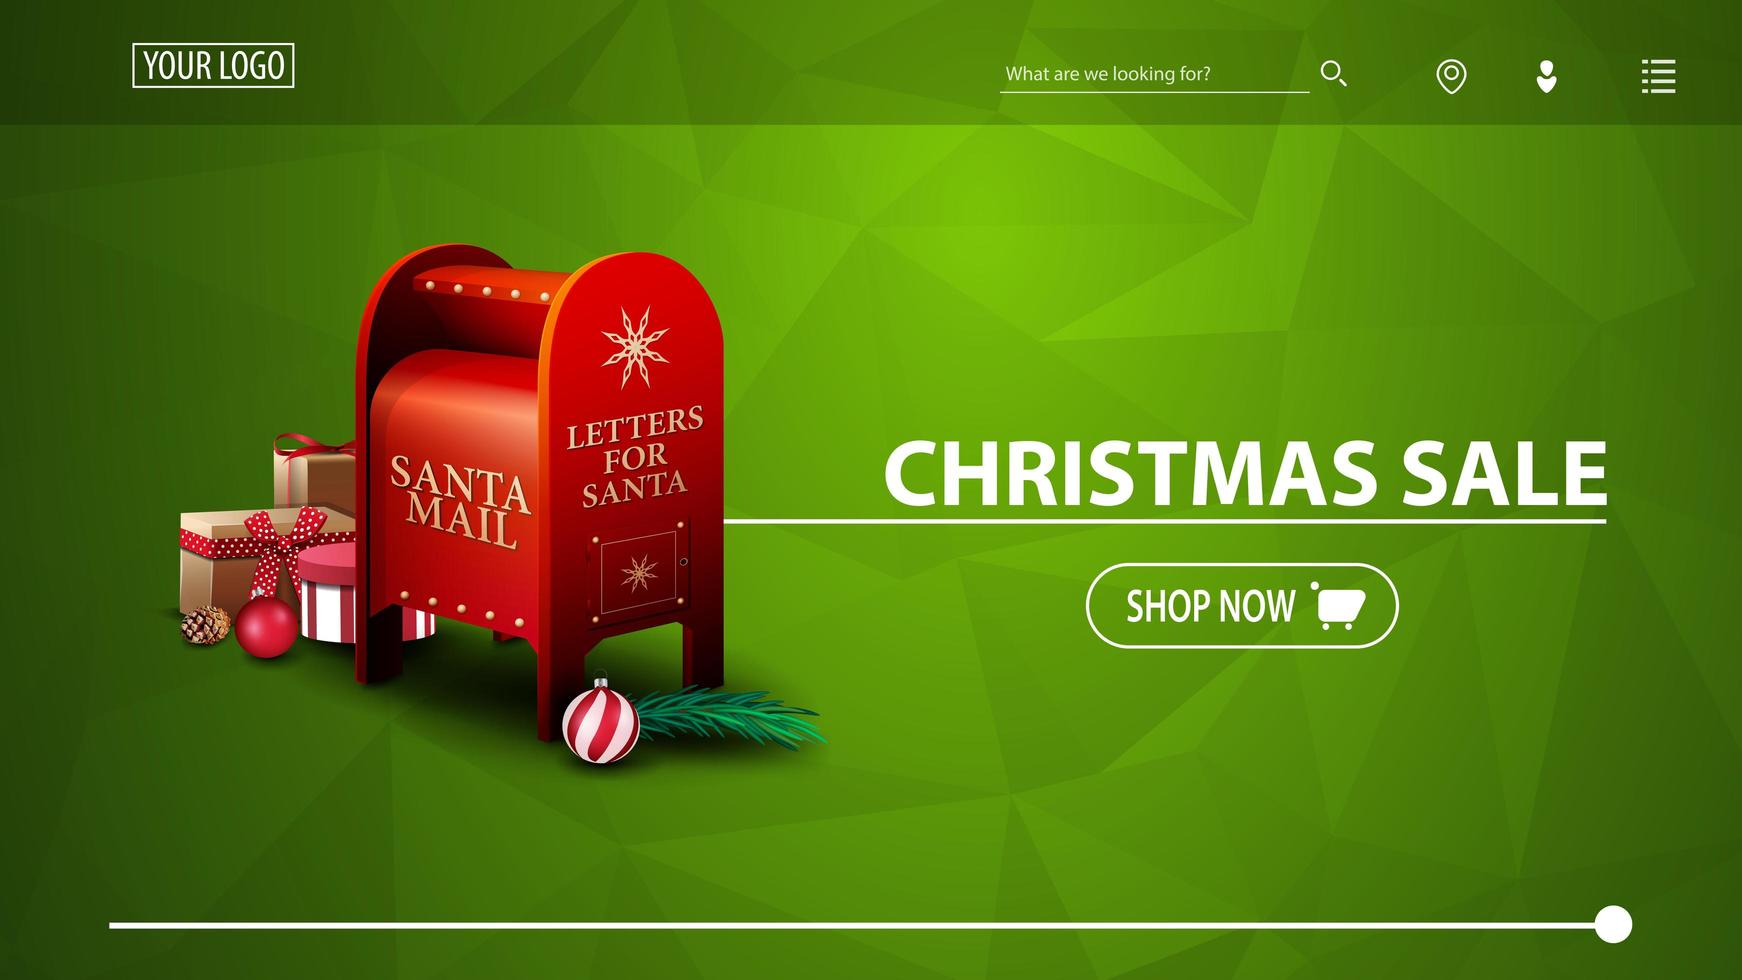 vente de noël, bannière de remise verte pour site Web avec texture polygonale et boîte aux lettres du père noël avec des cadeaux vecteur